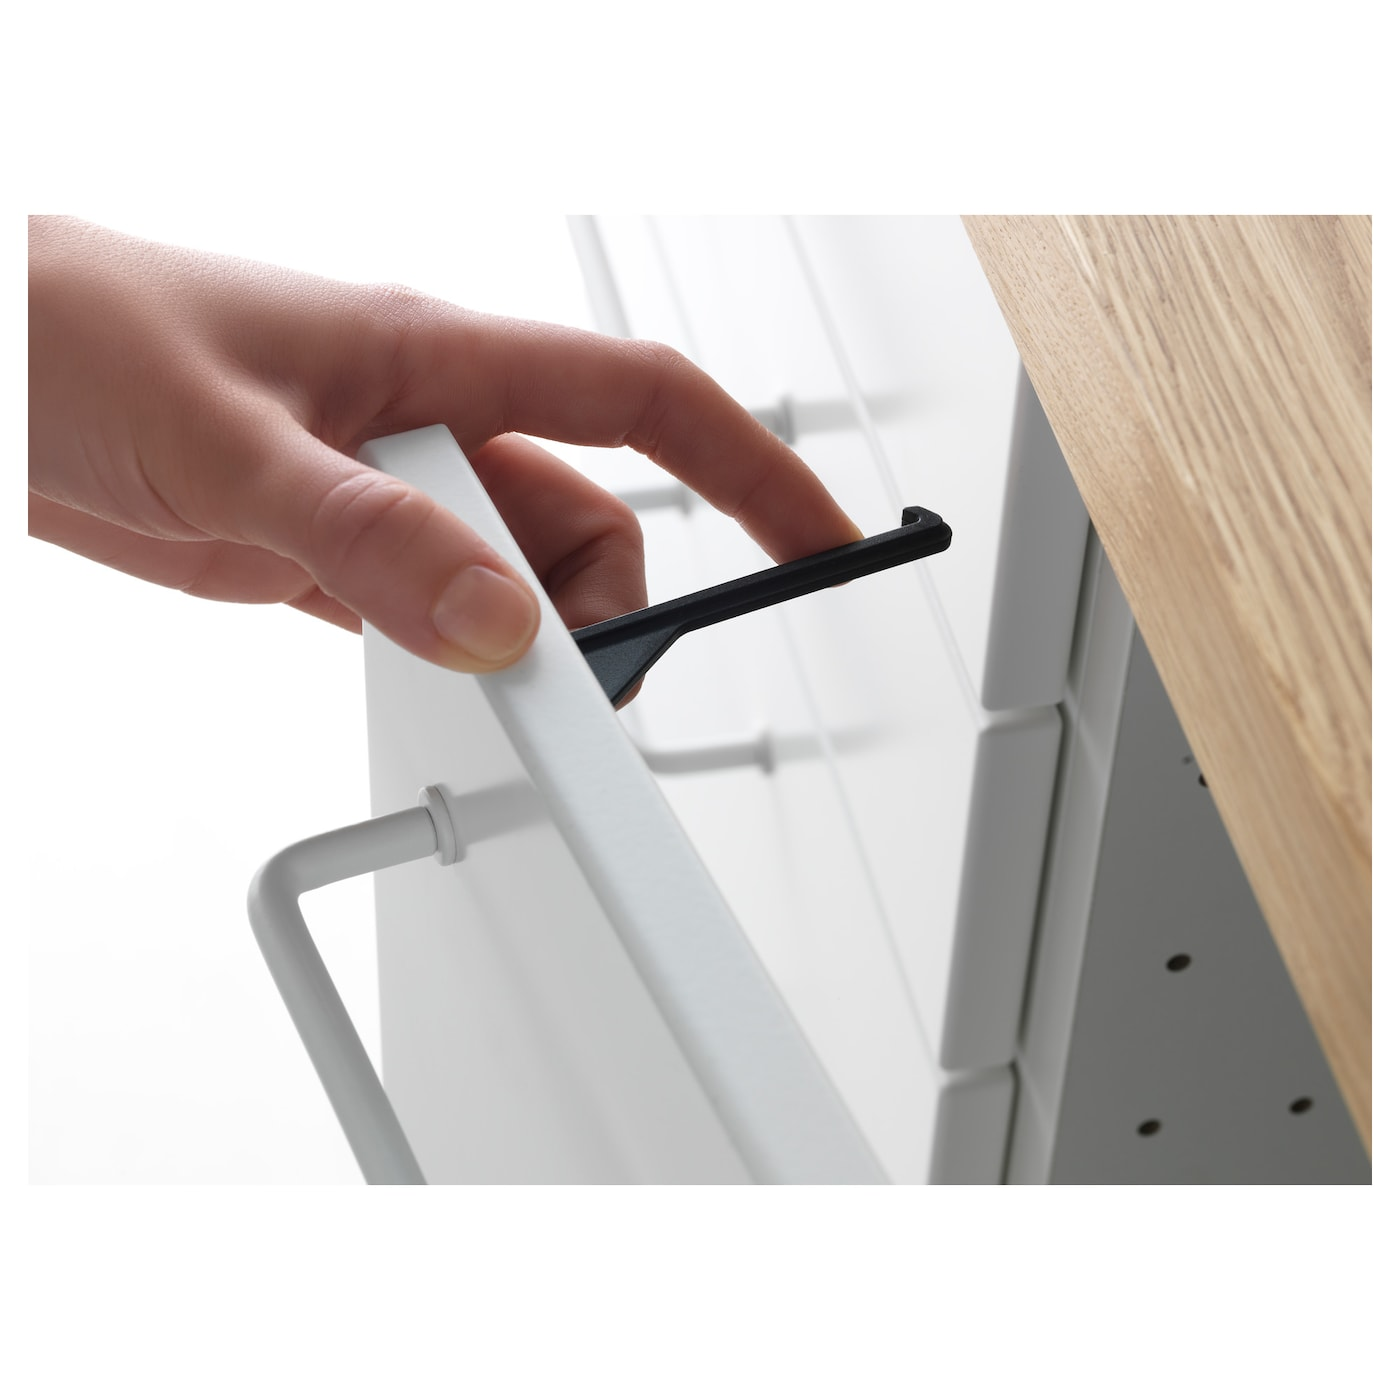 Drawer 6 x Child Safety Catch Cupboard Toy Box Door Catches Locks